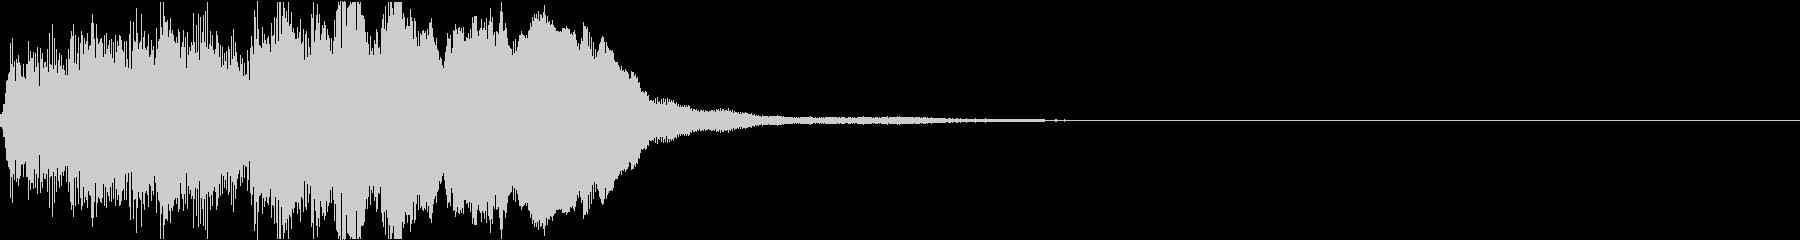 ラッパ ファンファーレ 定番 17の未再生の波形